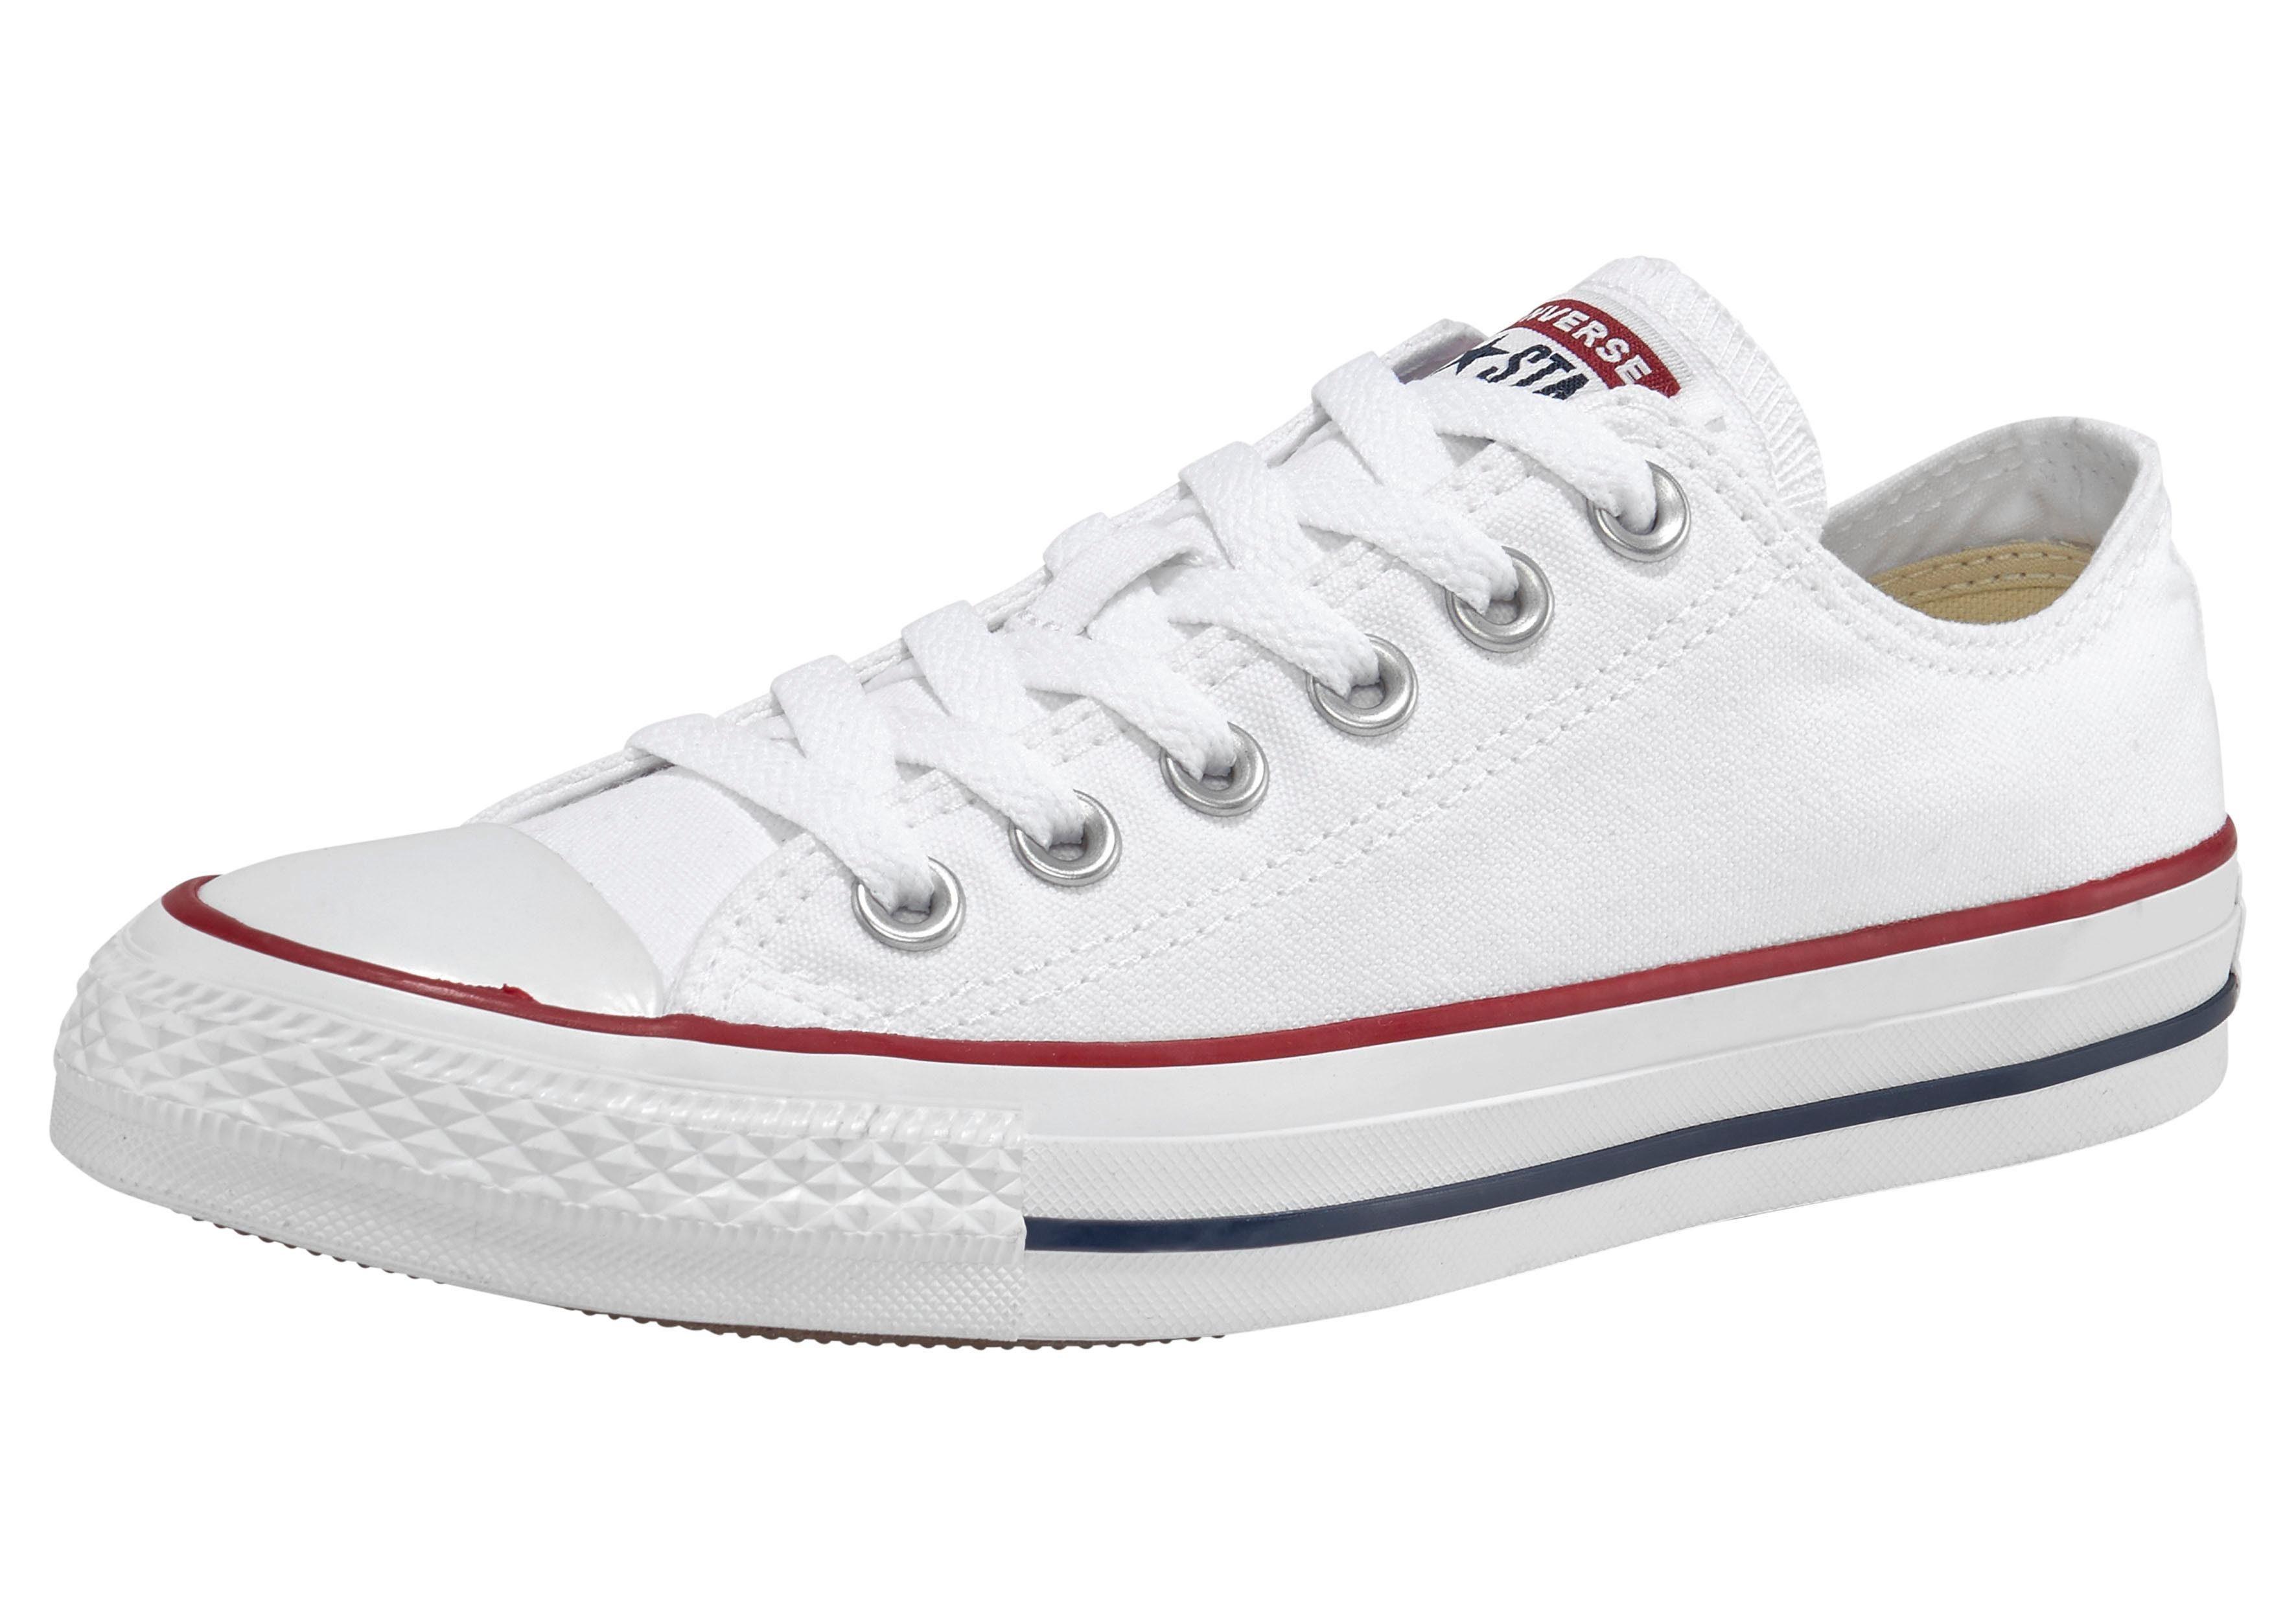 Converse All Stars x Tommy Hilfiger